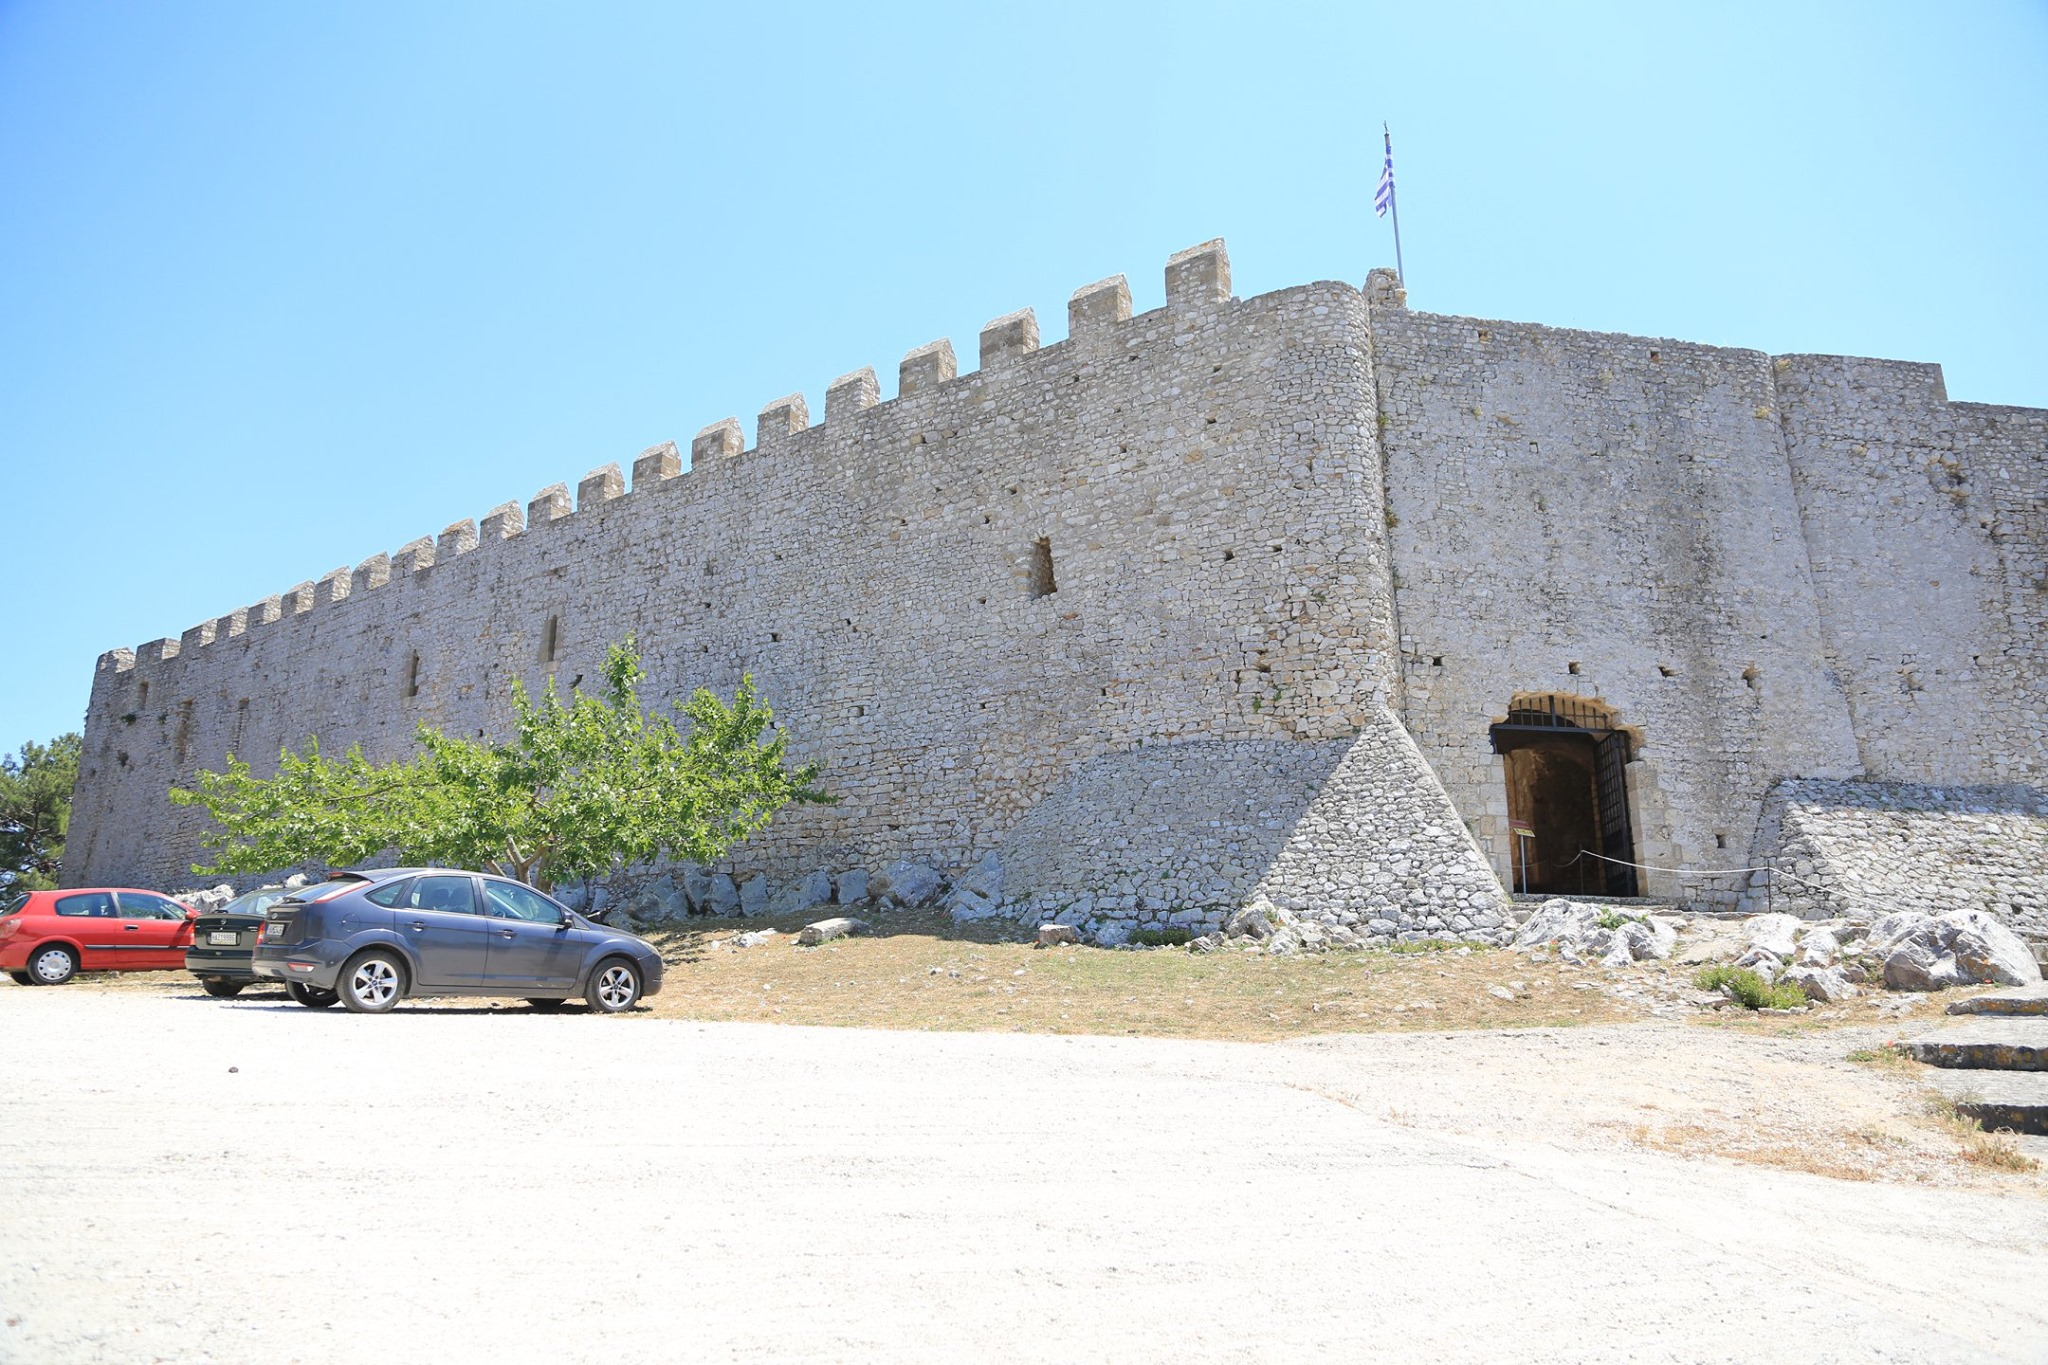 Δήμος Ανδραβίδας-Κυλλήνης: Ανάδειξη και Προβολή του Κάστρου Χλεμούτσι στην Ευρώπη (photos)